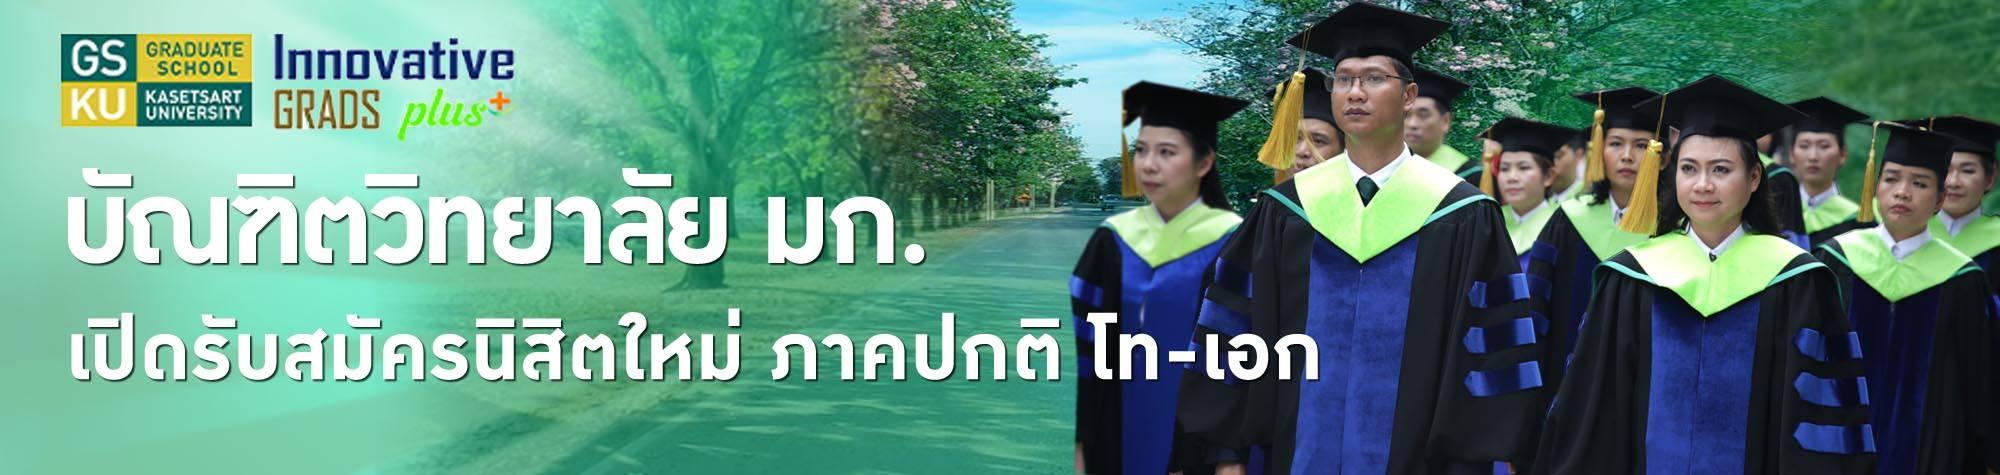 บัณฑิตวิทยาลัย มก. รับสมัครนิสิต 64